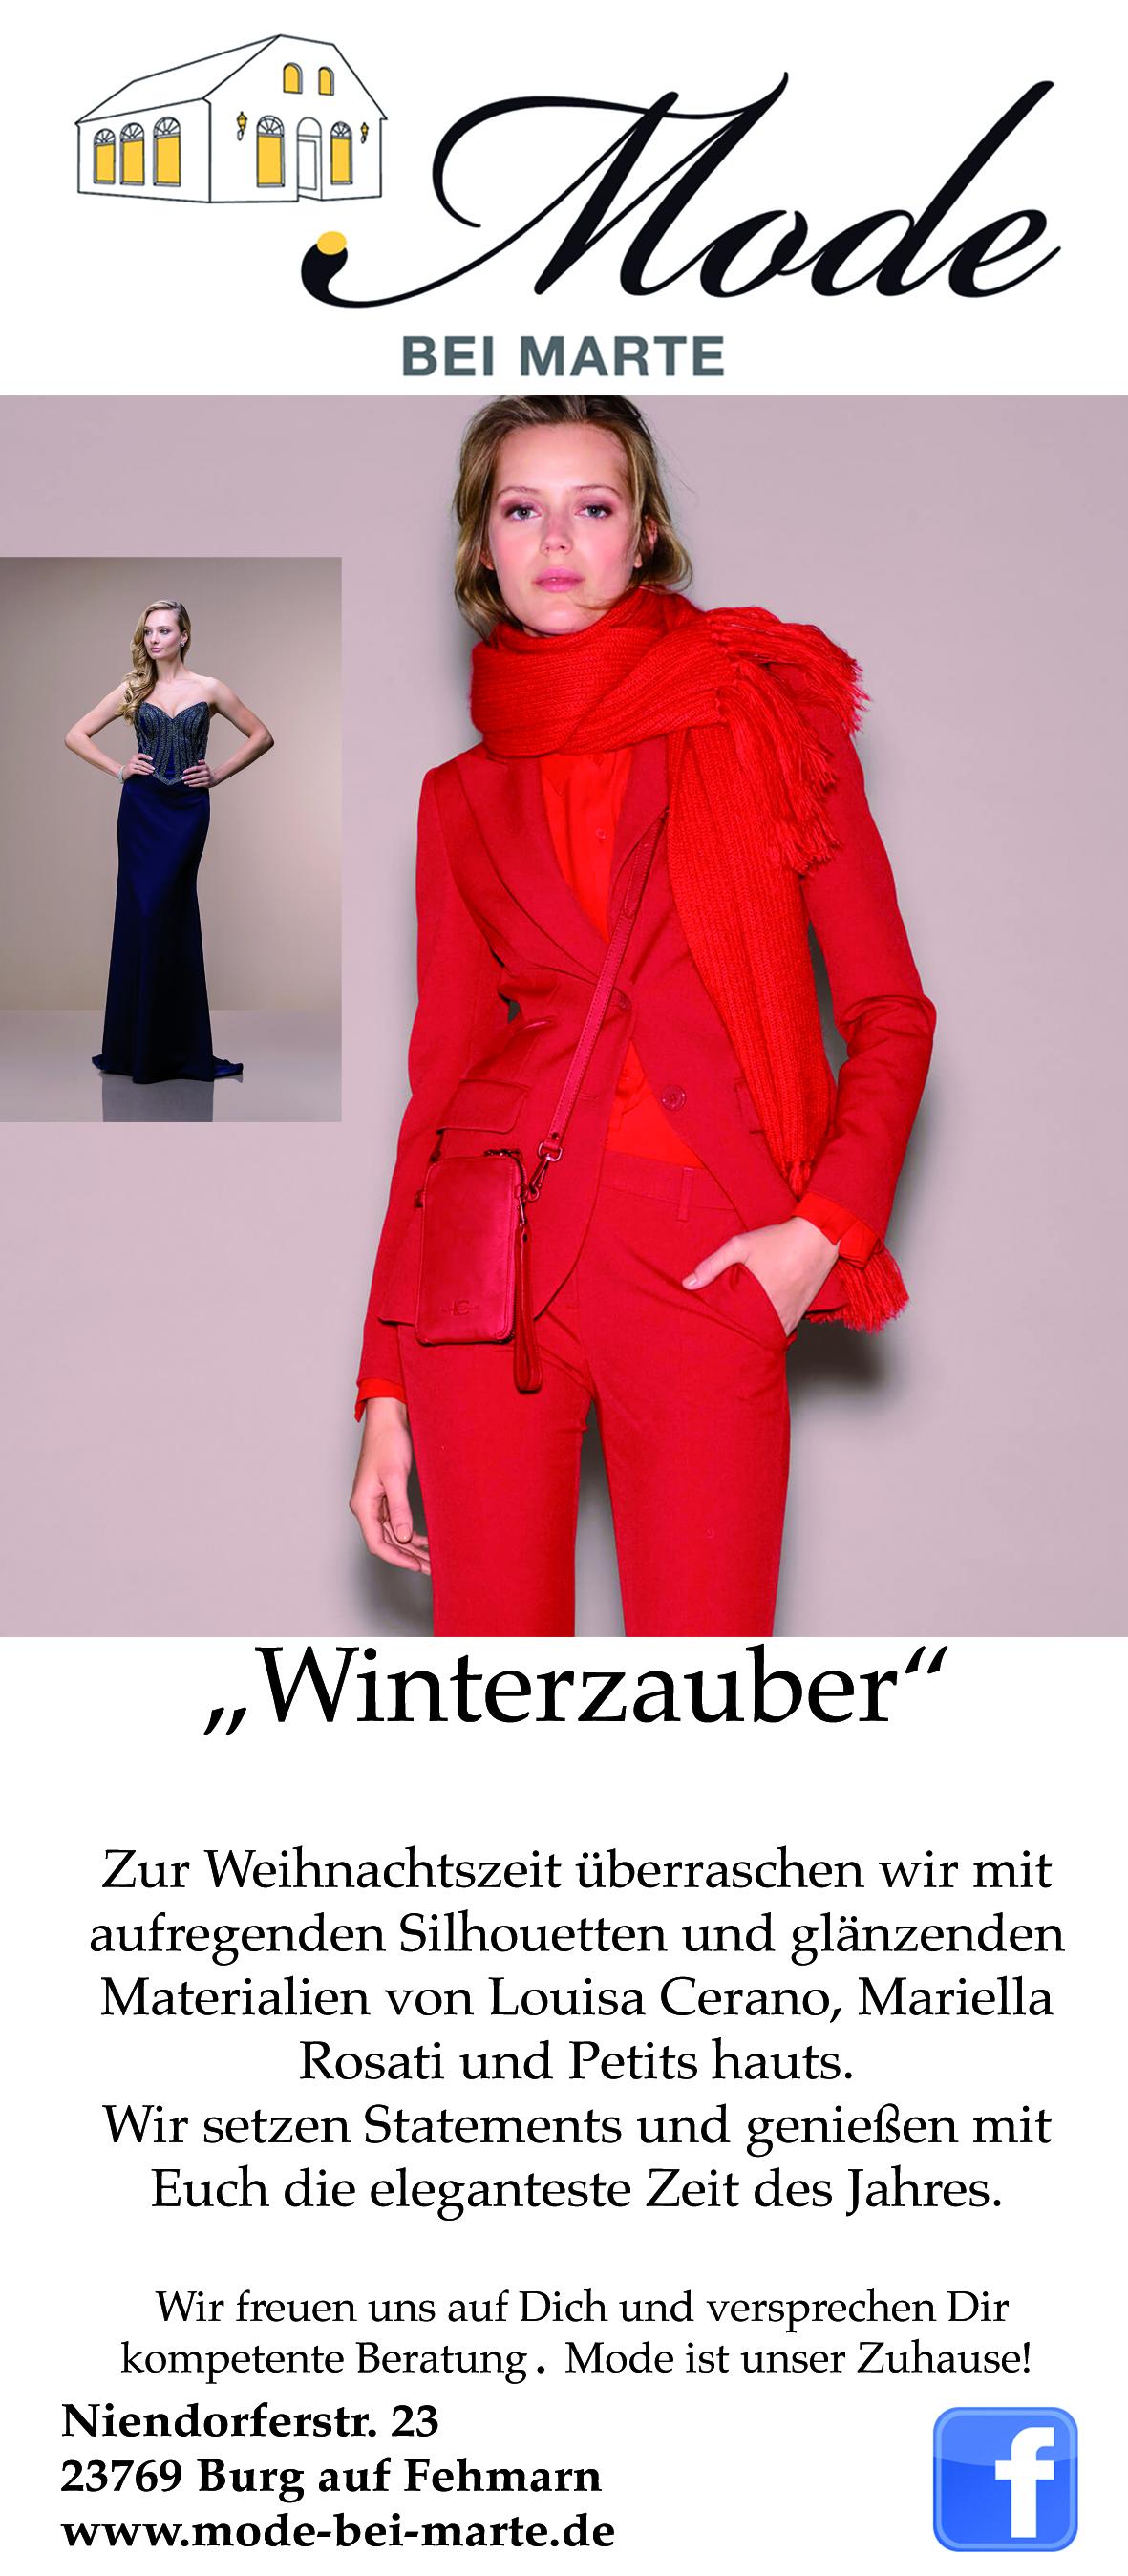 Anzeige im Fehmarnschen Tageblatt mit einem lässigen Outfit von Luisa Cerano